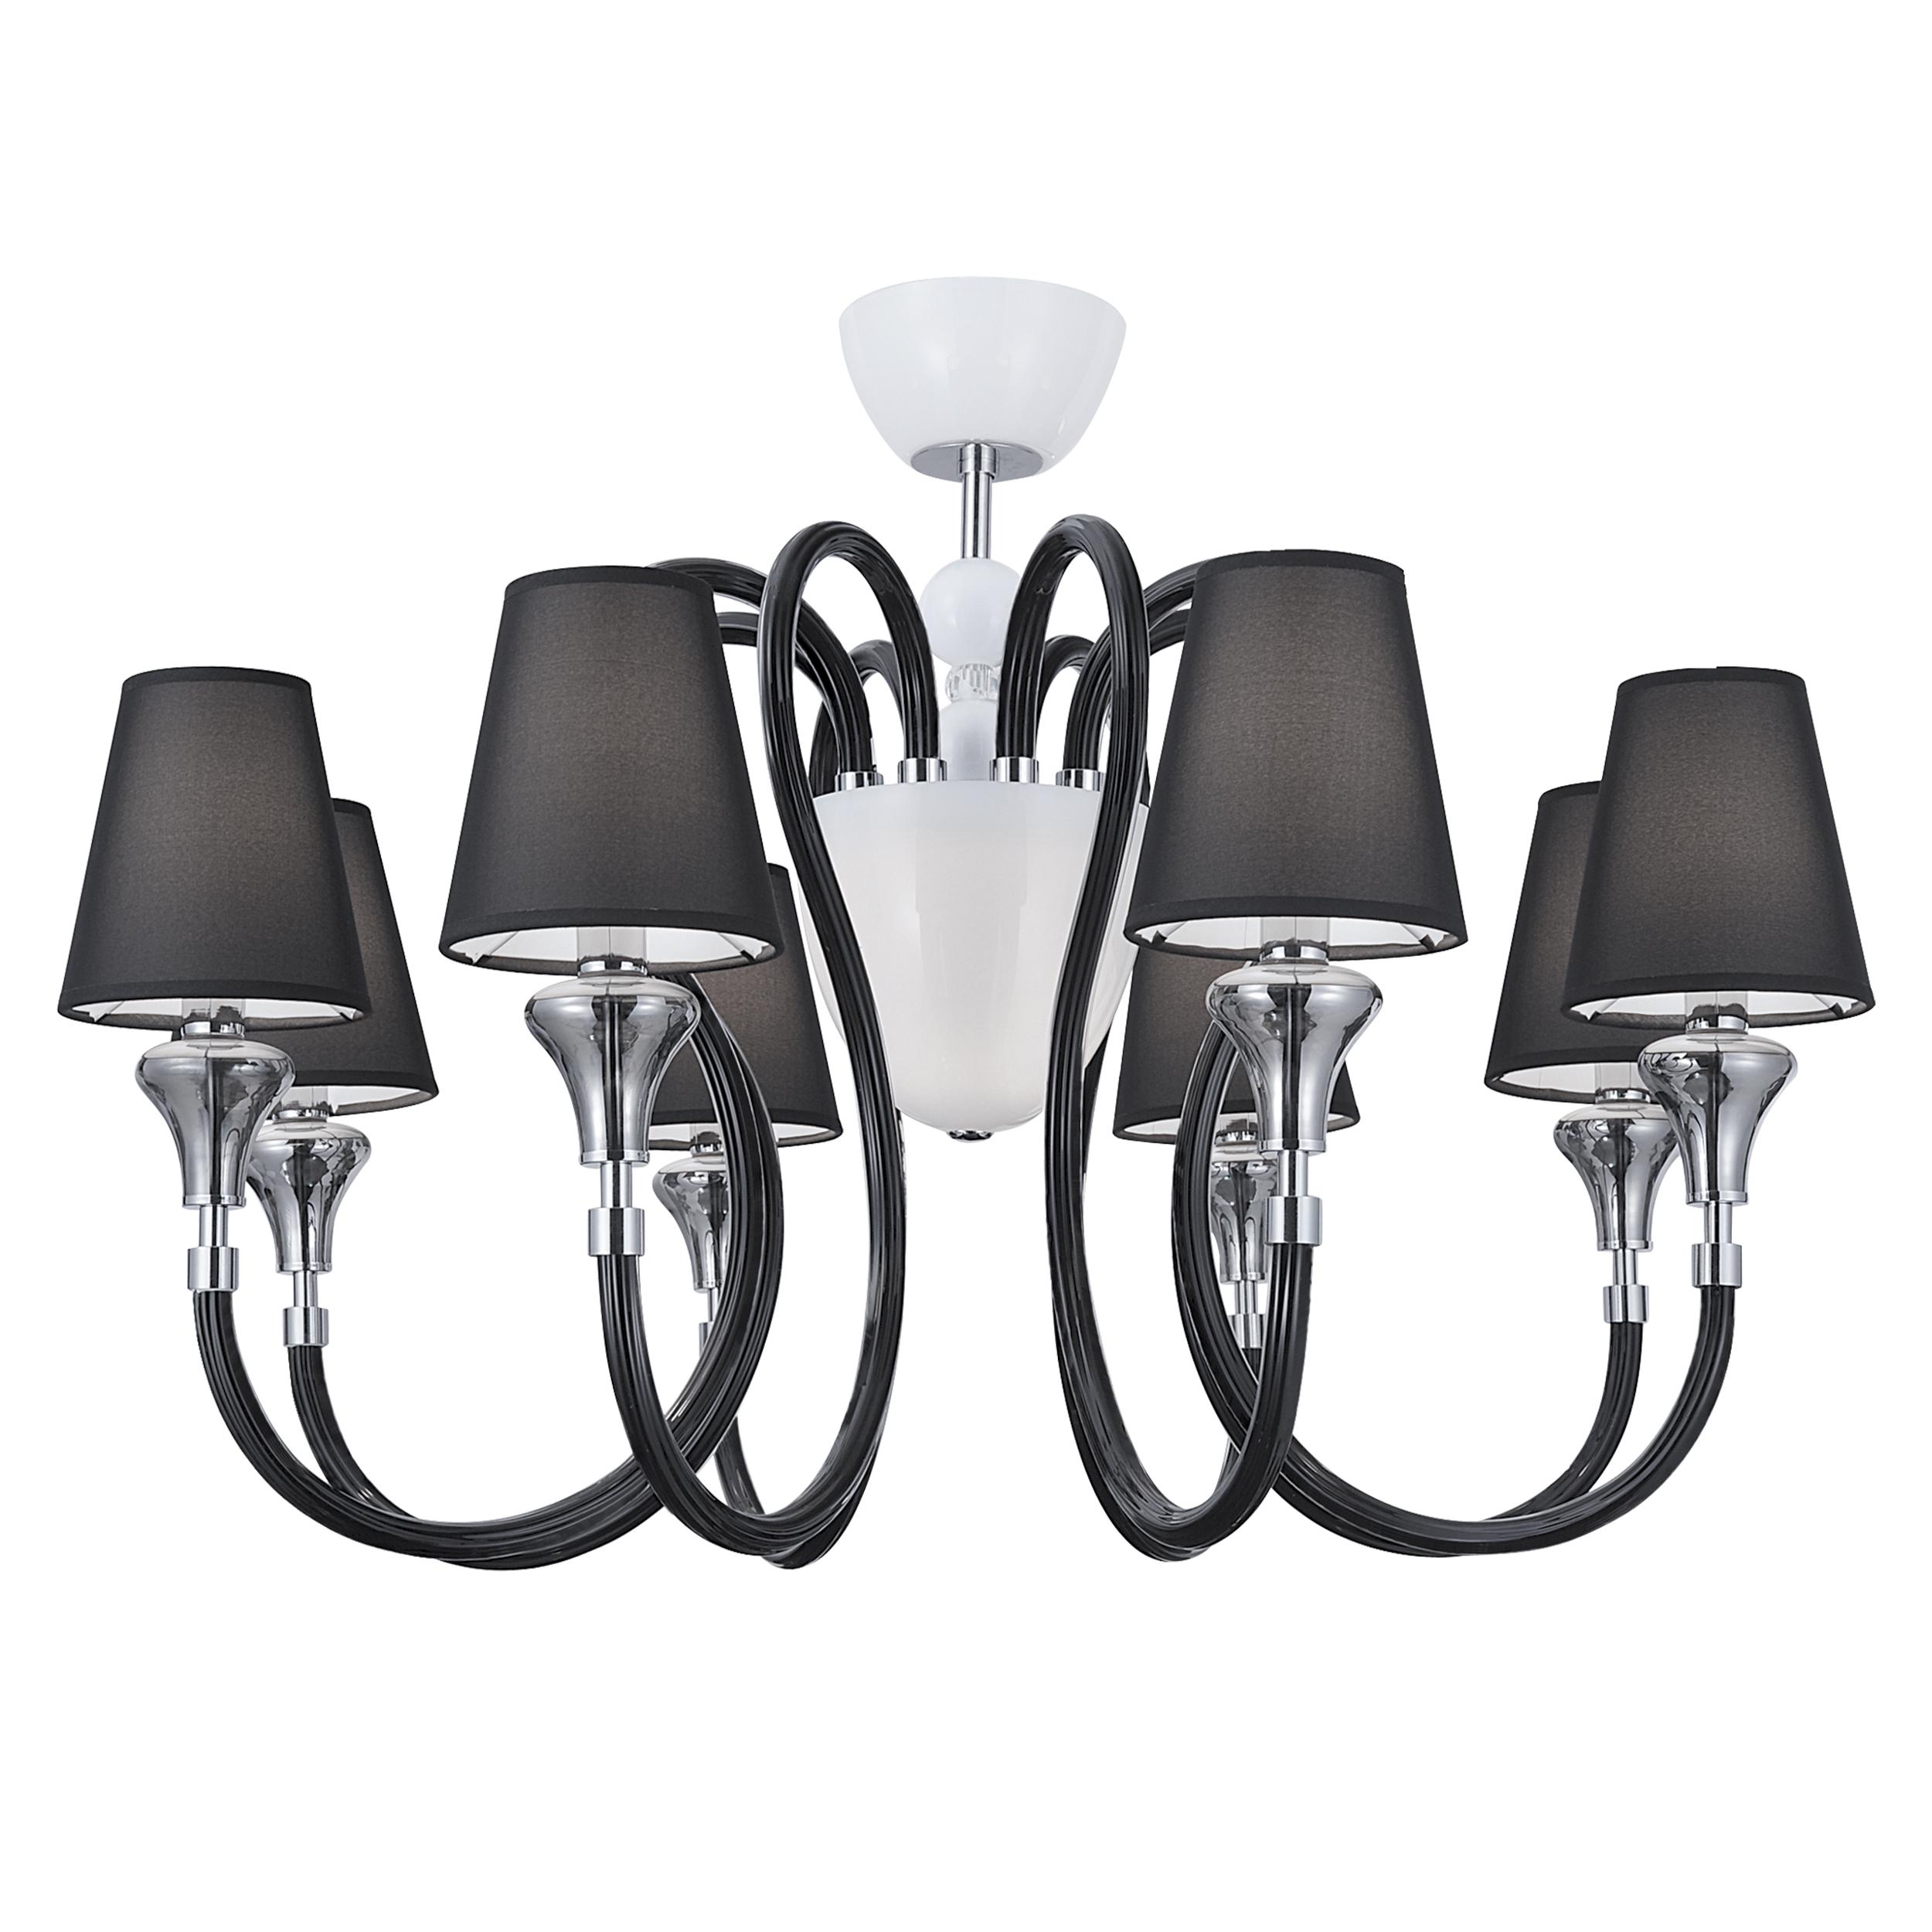 Потолочная люстра Lightstar Otto 809087, 8xE14x40W + 1xG9x40W, белый, дымчатый, хром, черный, стекло, текстиль - фото 1